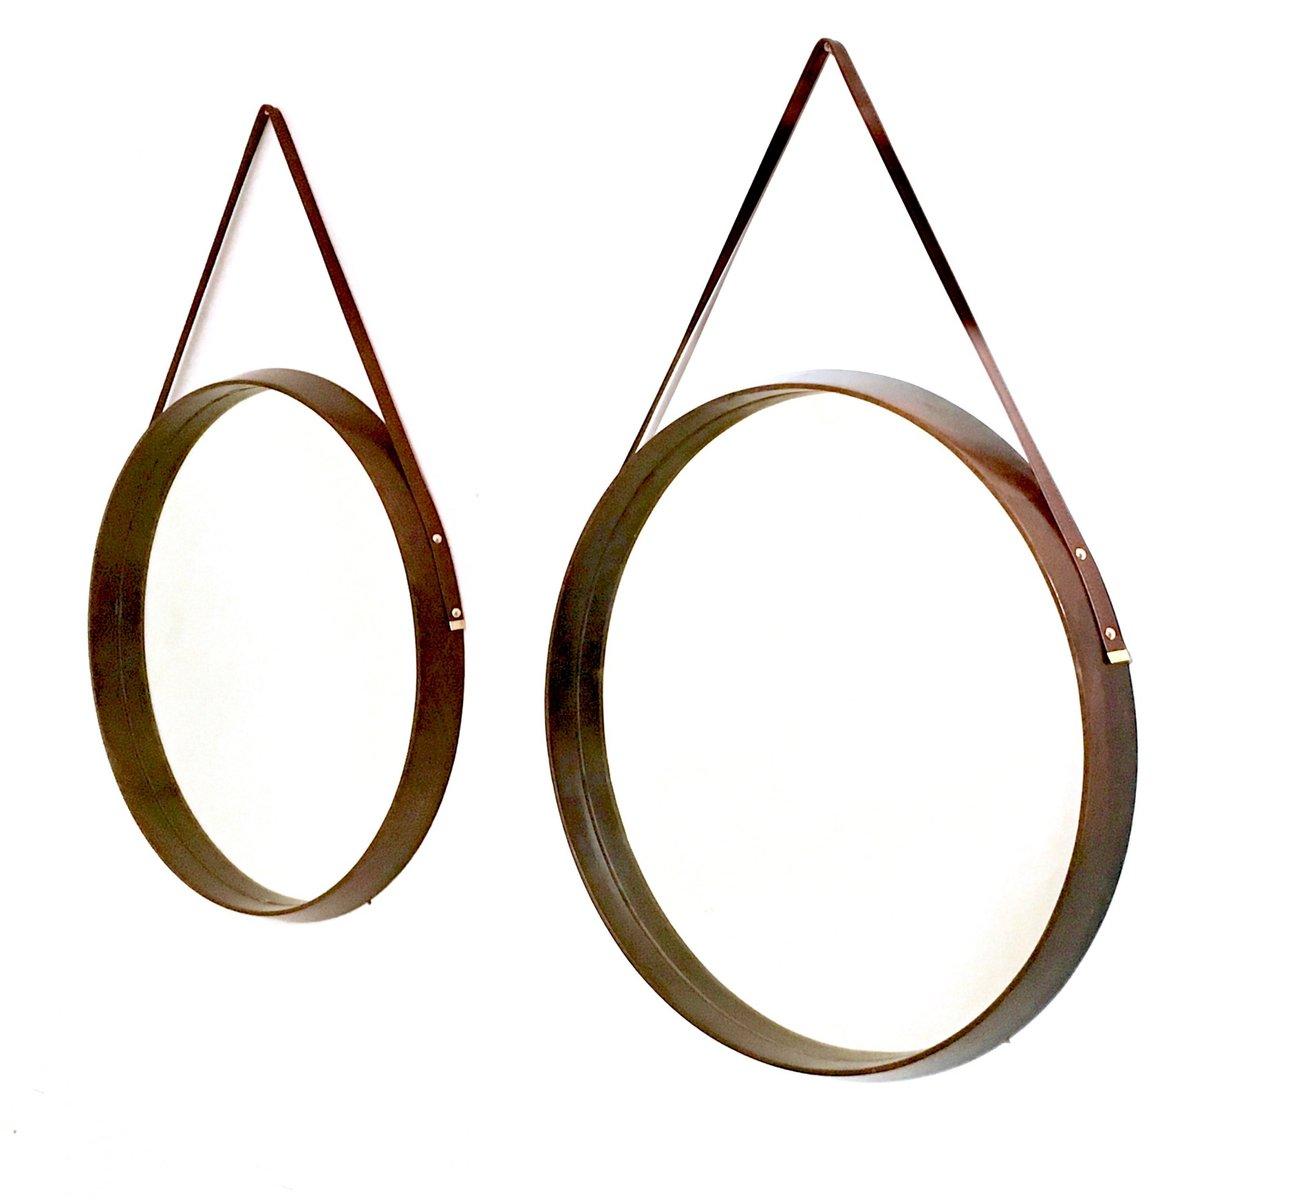 runde italienische wandspiegel mit rahmen aus mahagoni leder 1950er 2er set bei pamono kaufen. Black Bedroom Furniture Sets. Home Design Ideas